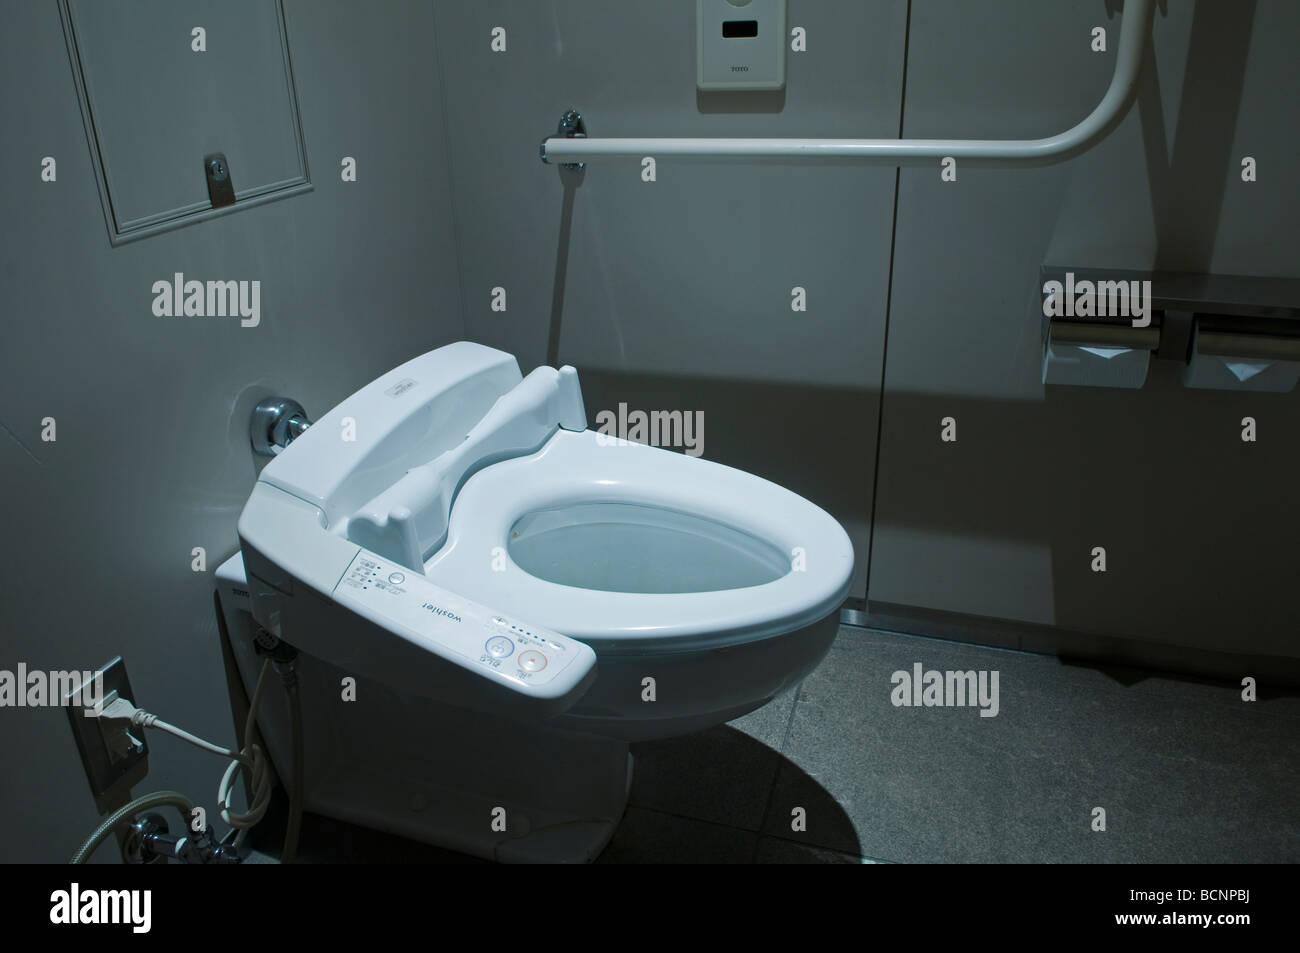 Toilet Seat Toilets Modern Stock Photos & Toilet Seat Toilets Modern ...